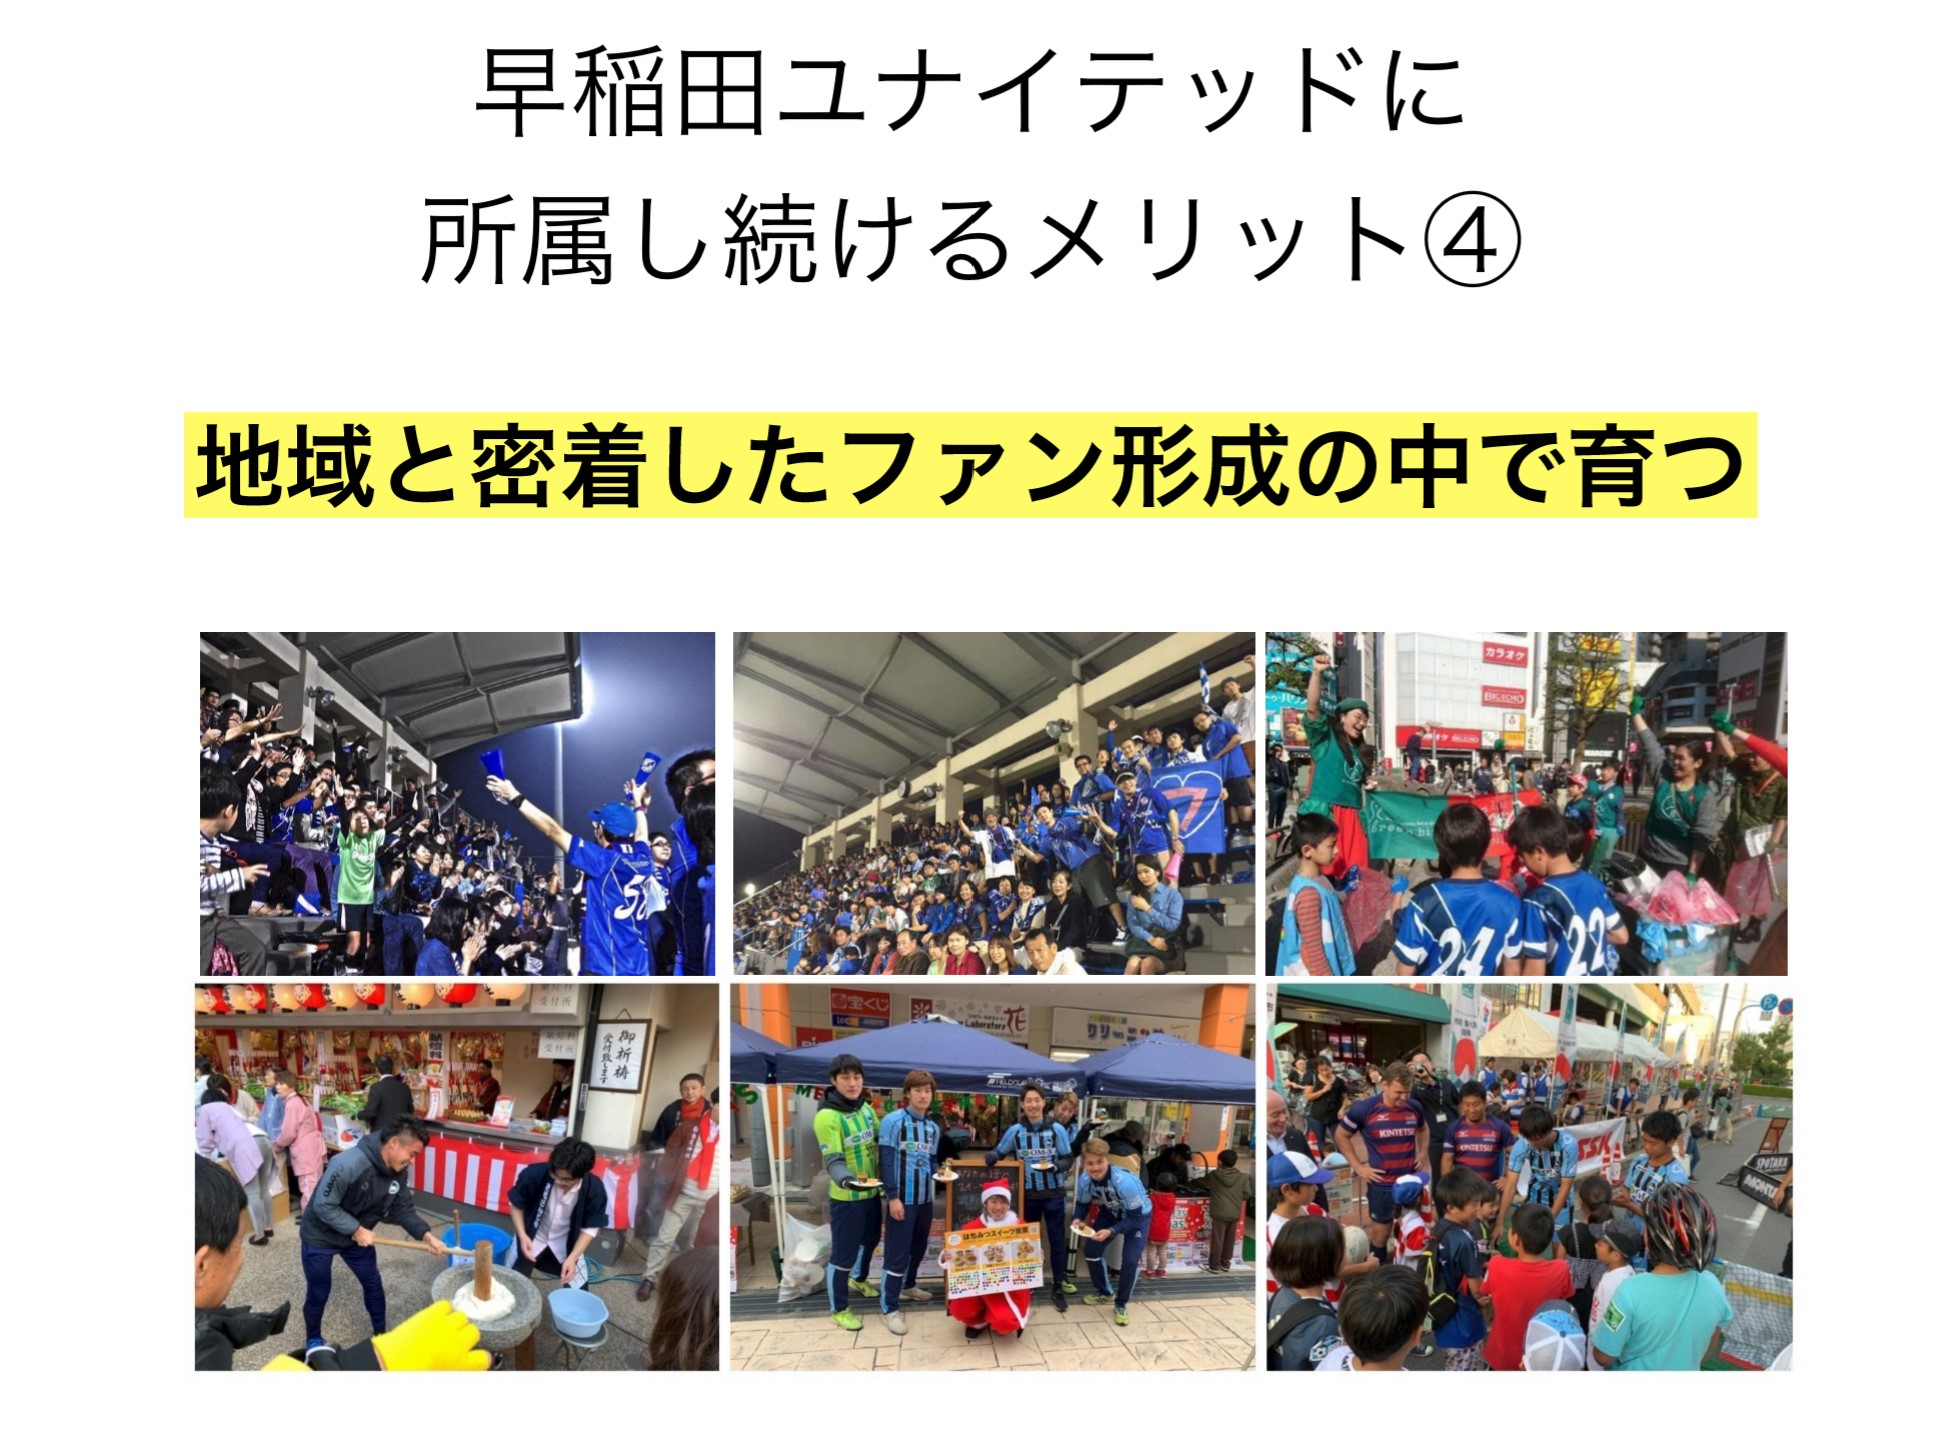 早稲田ユナイテッドアカデミー説明資料10